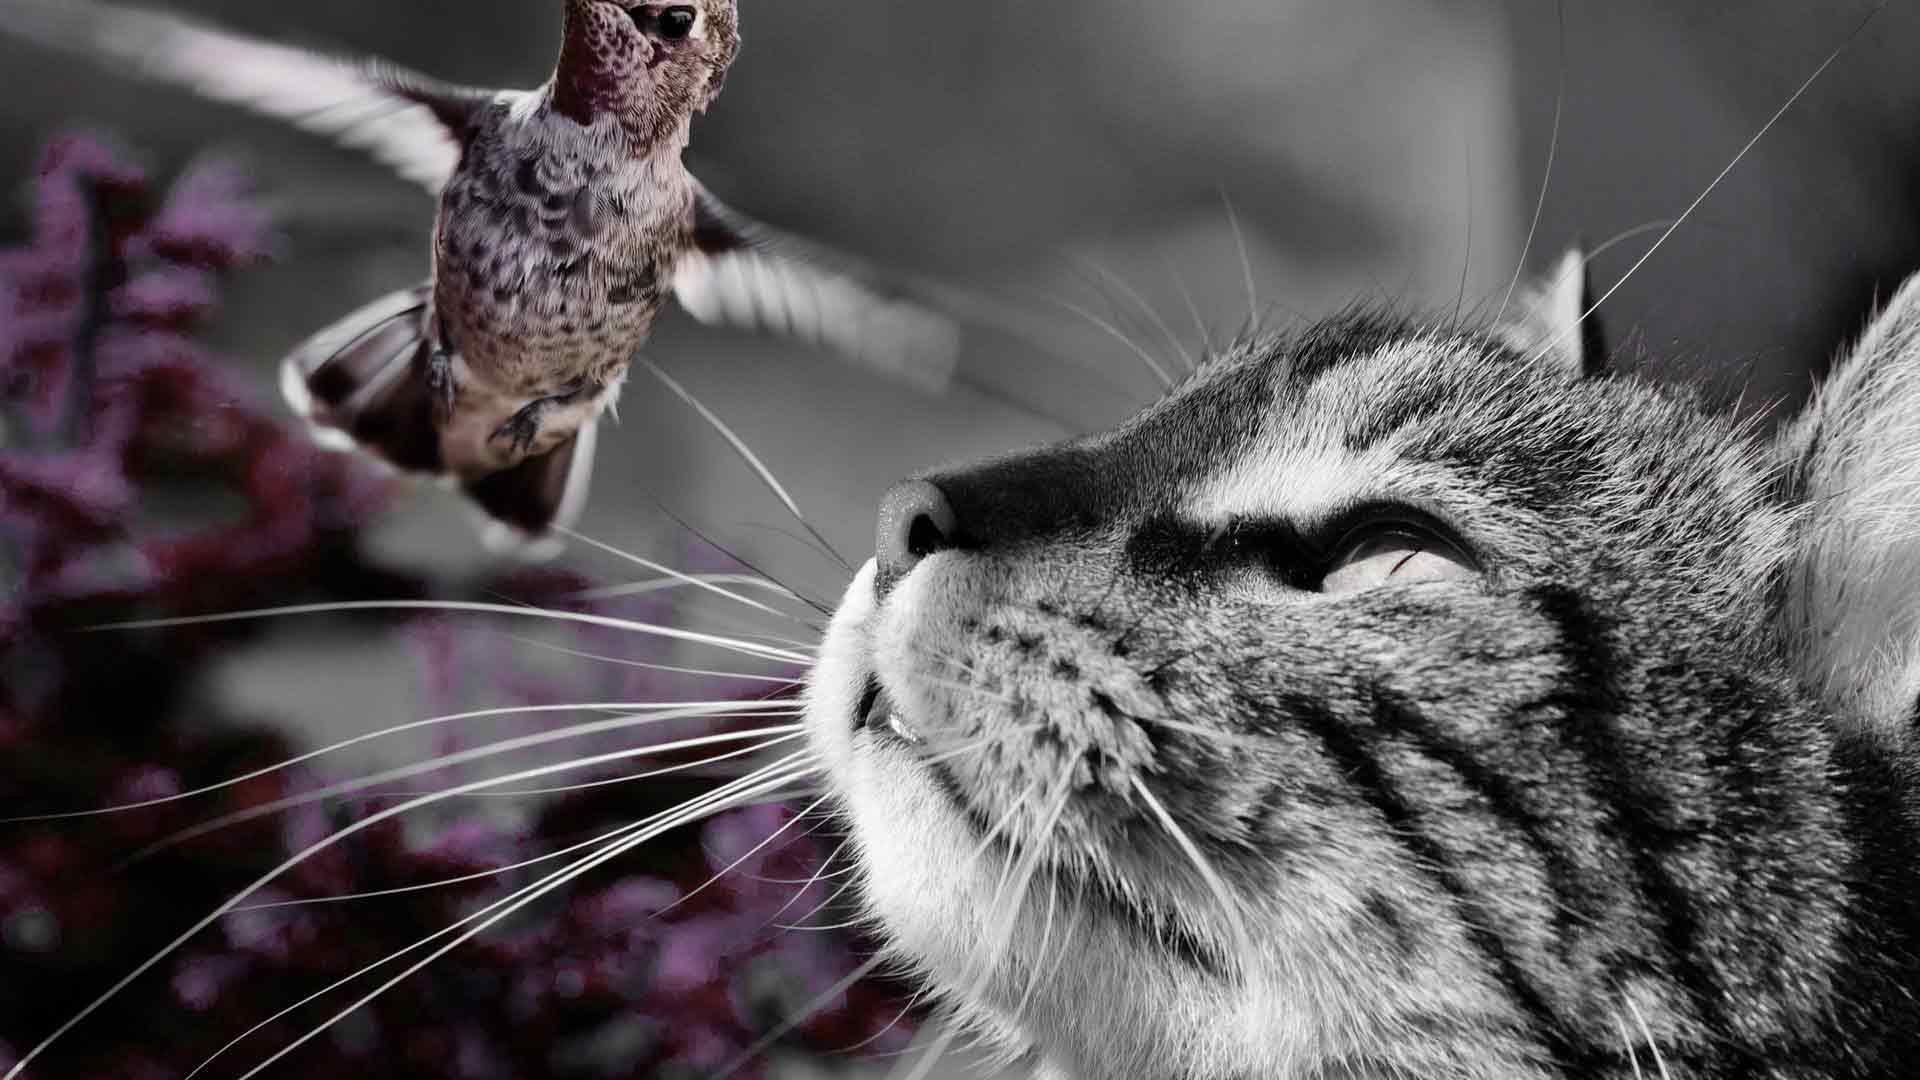 alimentazione-del-gatto-comprata-o-fatta-in-casa-1